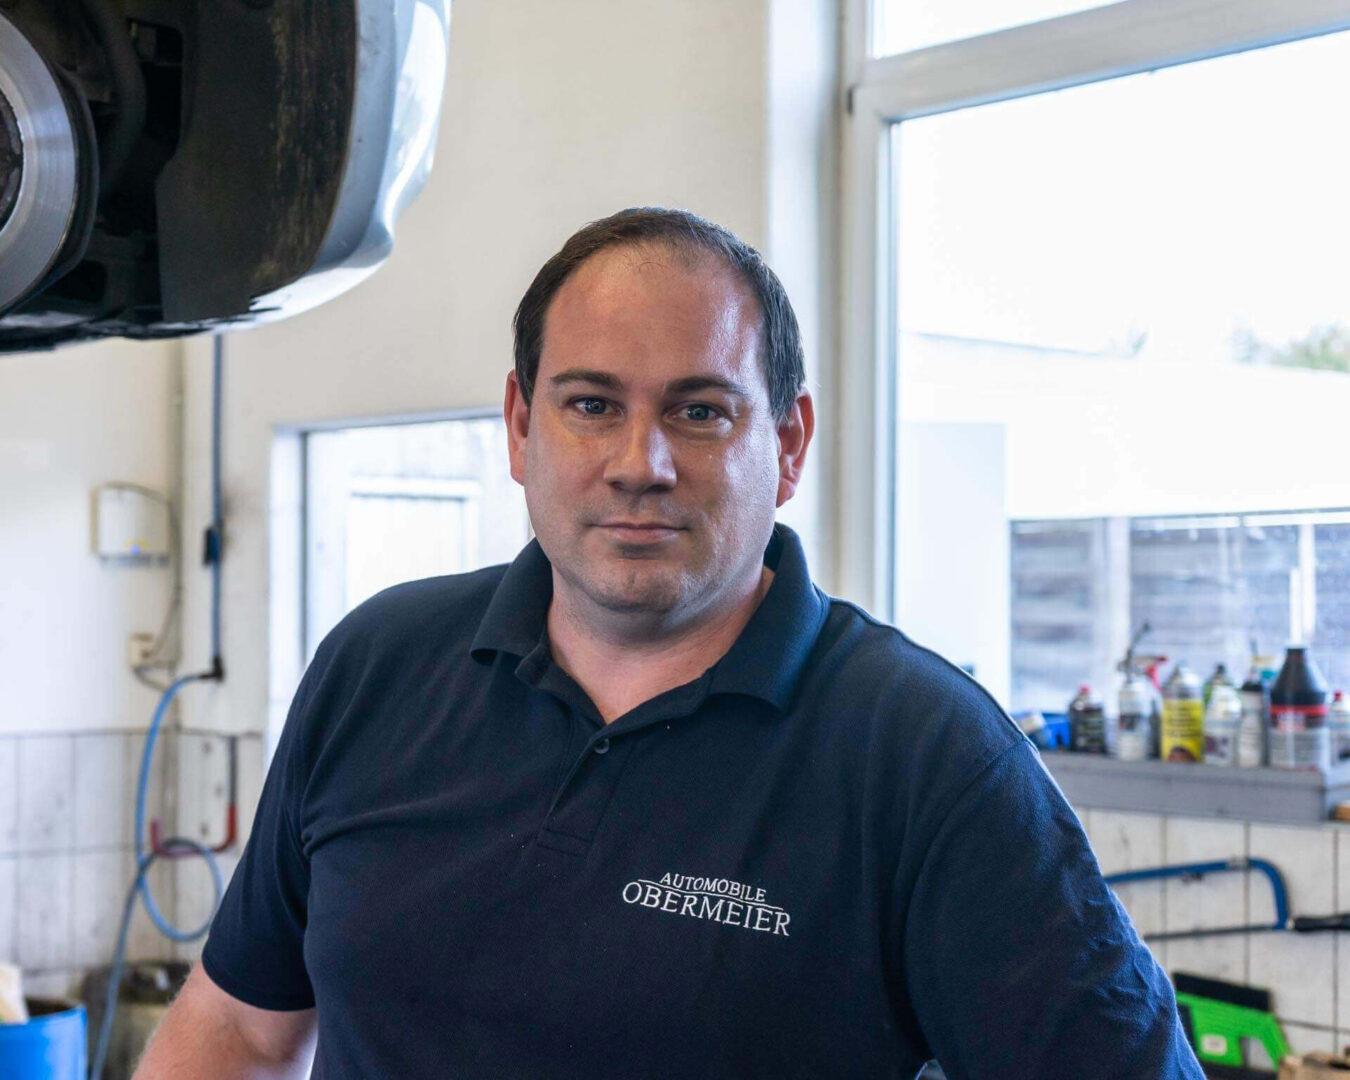 Ansprechpartner Georg Eisenhart aus der Werkstatt von Automobile Obermeier aus Meckenheim